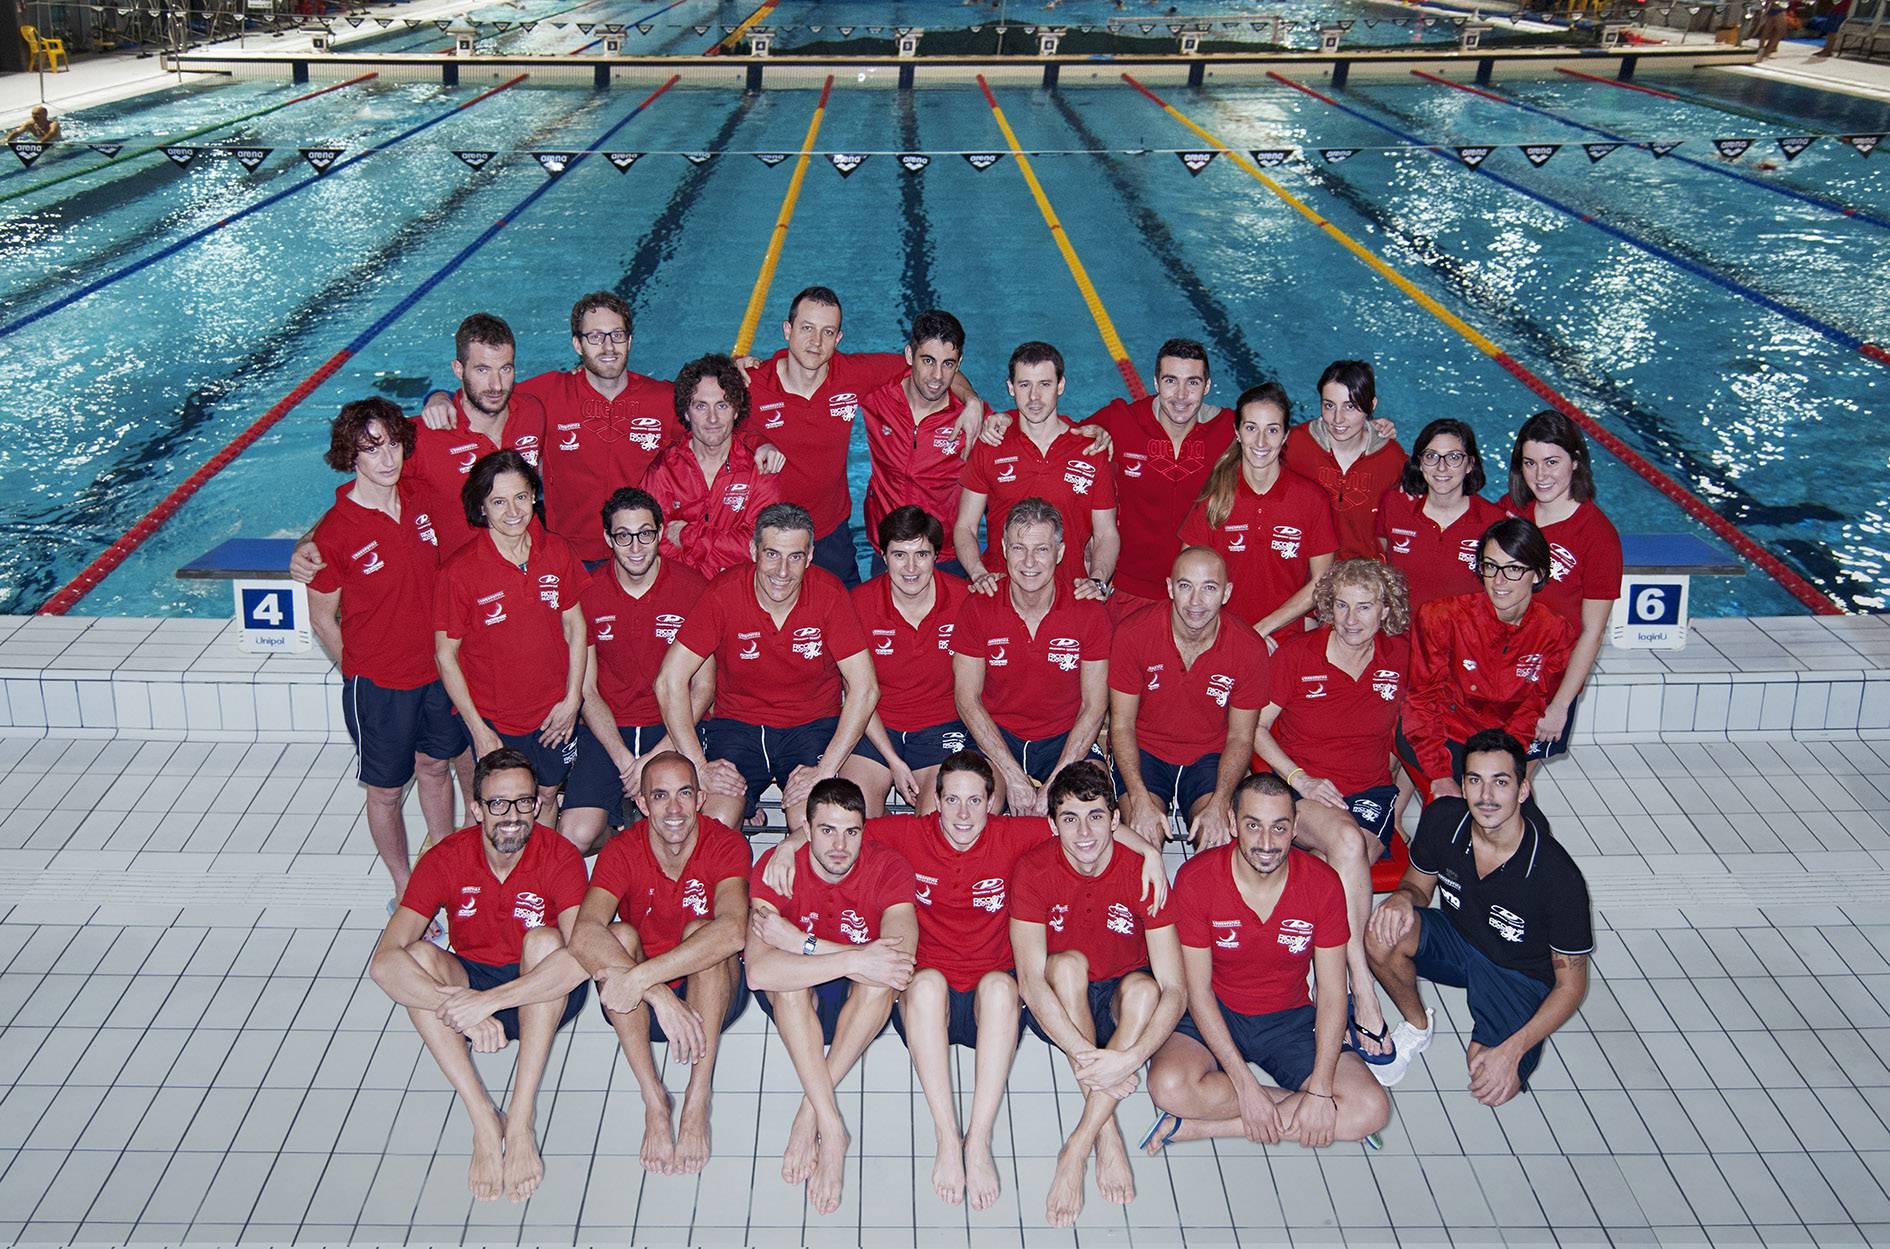 Regionali Master Fin: la sezione Nuoto Master della Polisportiva Riccione chiude al 5° posto